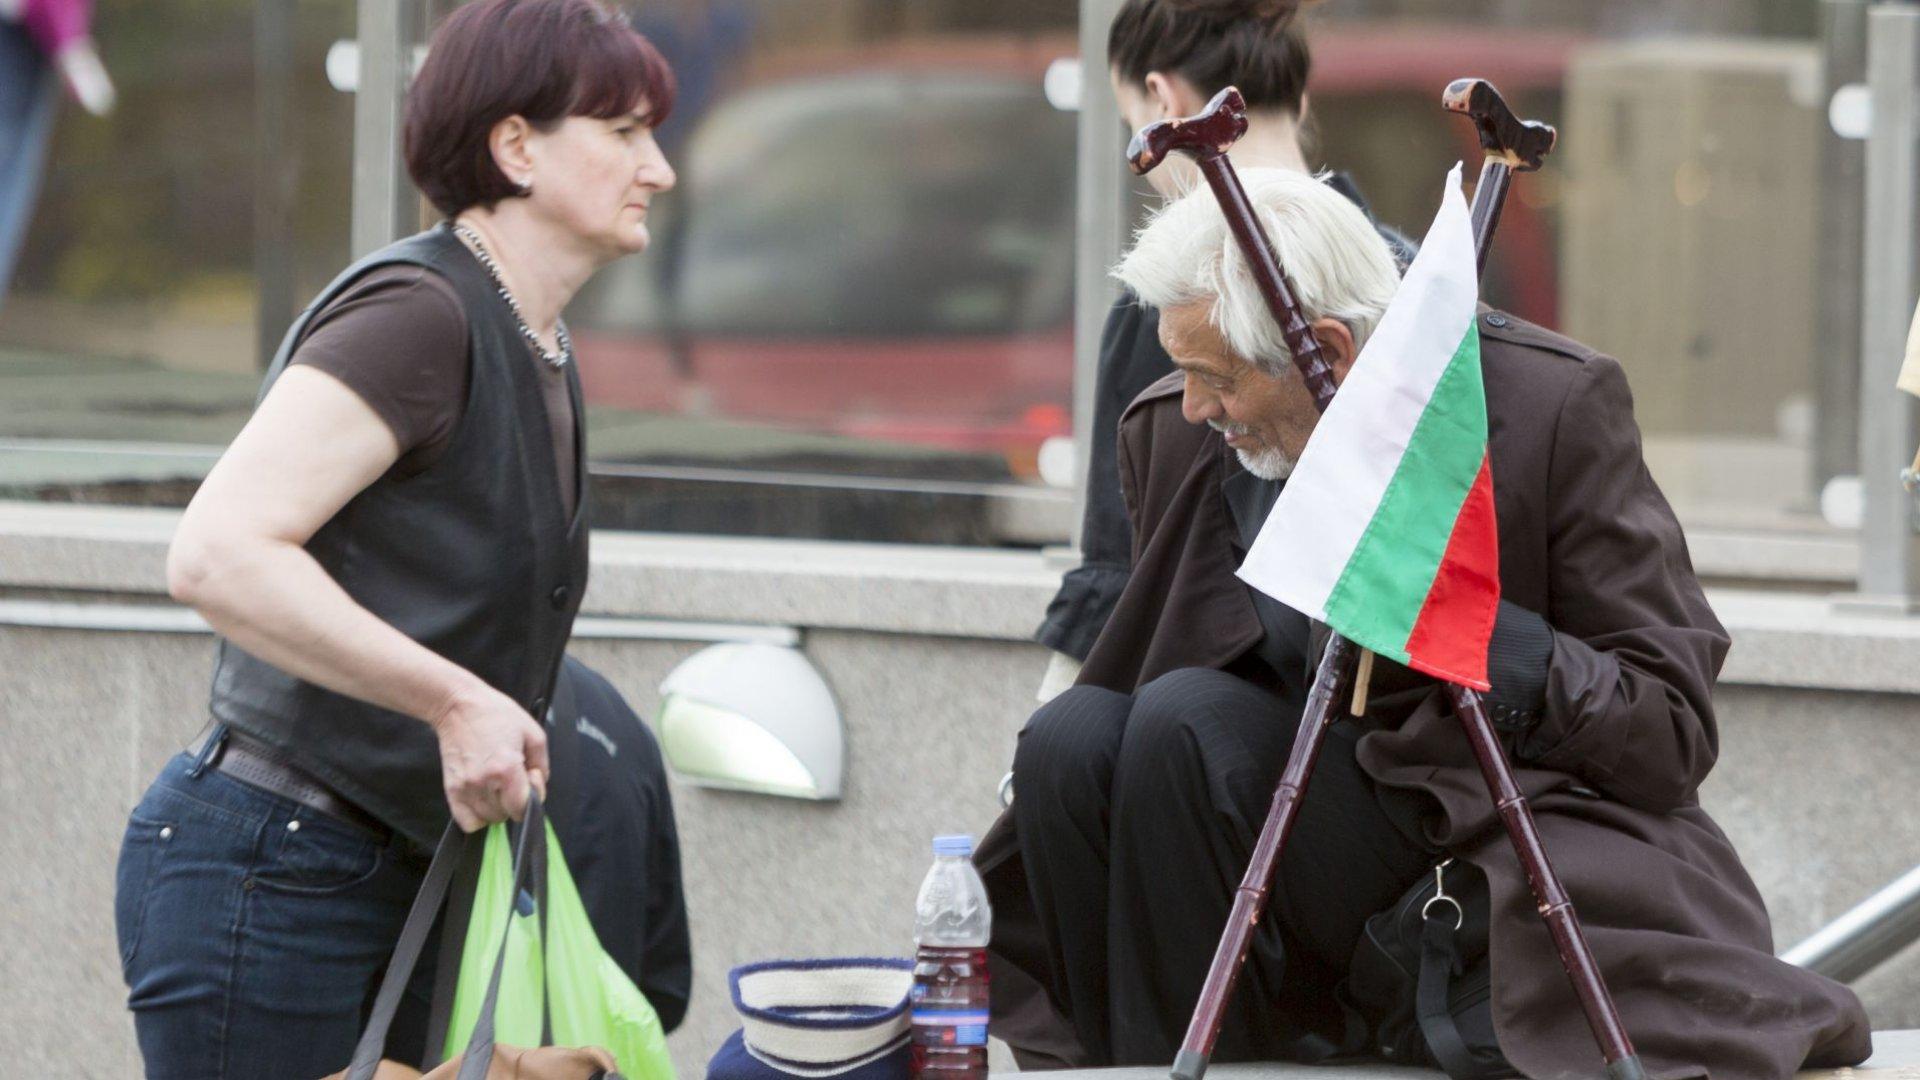 Близо 1/4 от българите са бедни: в кои градове ситуацията е най-лоша